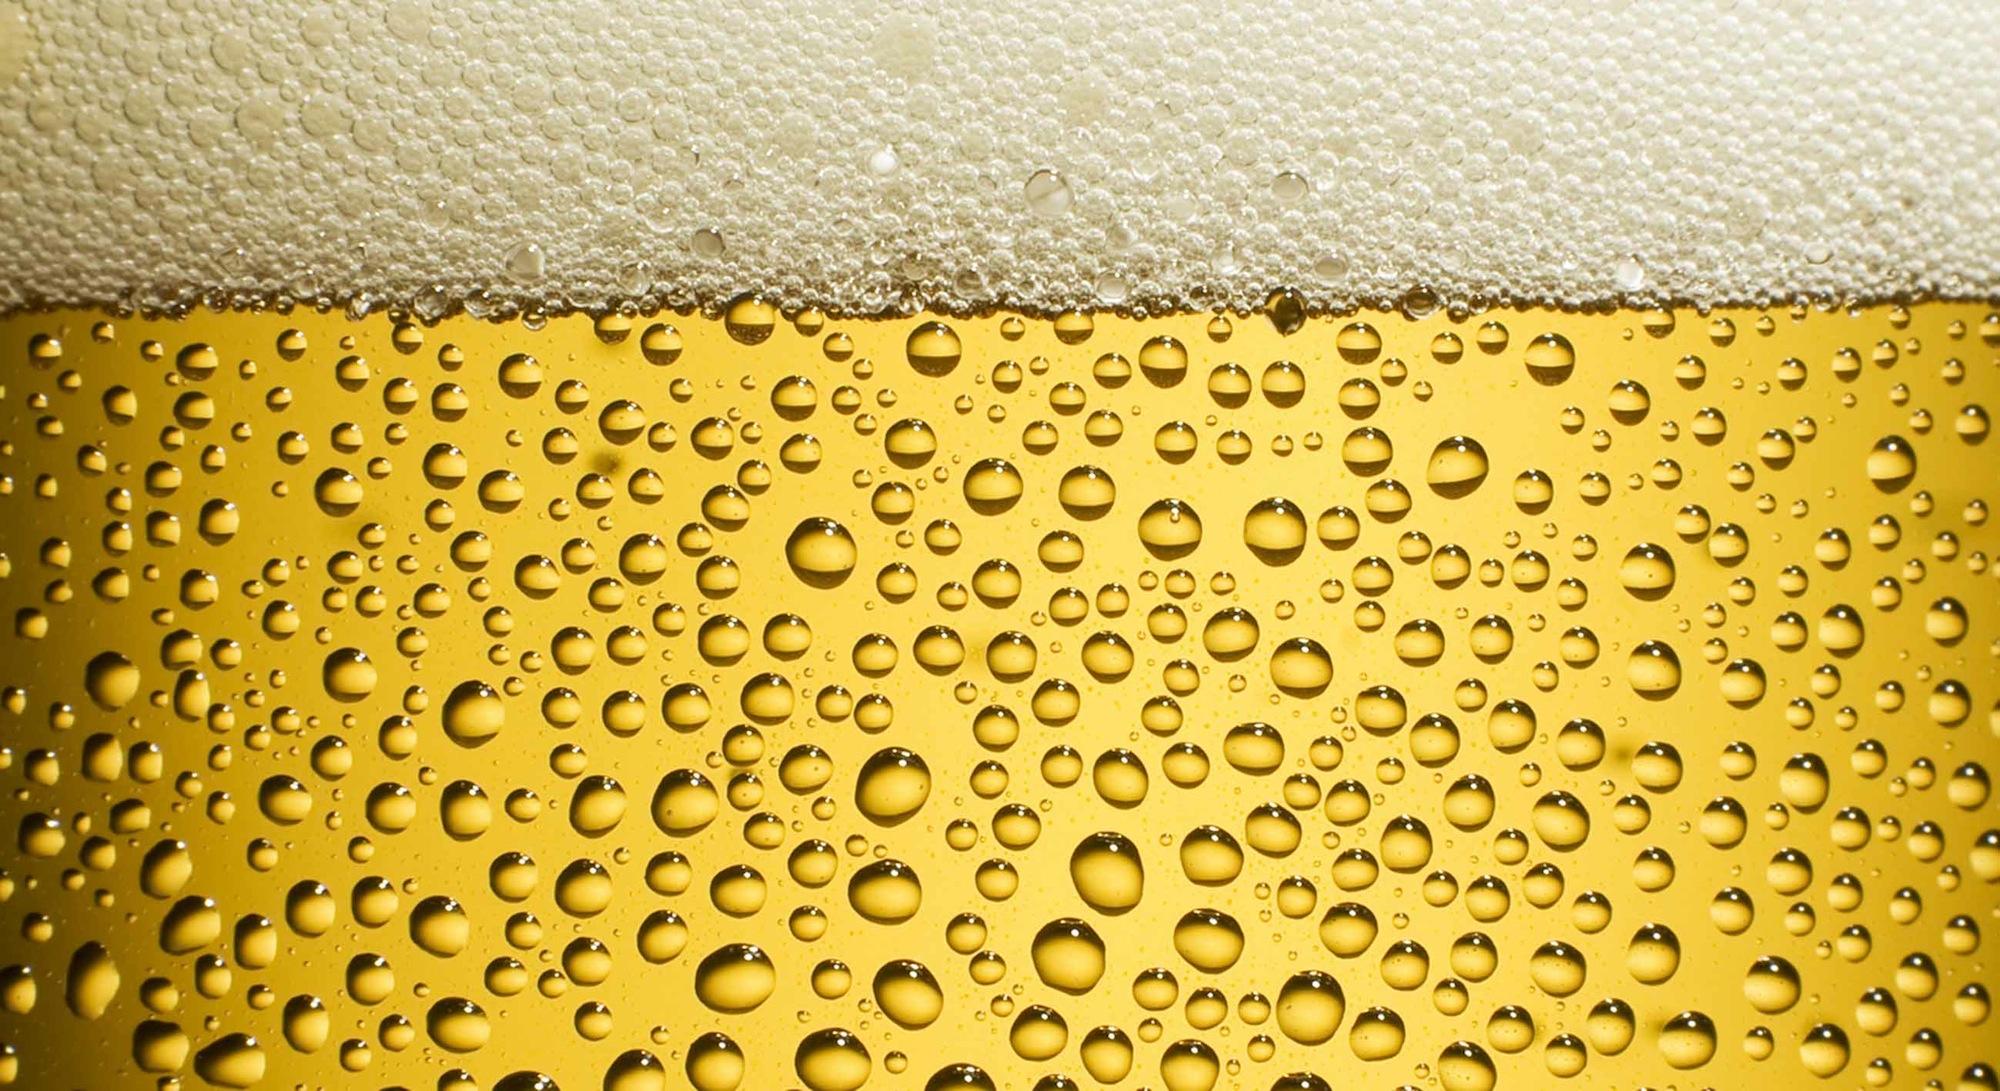 beer-bubbles.jpg